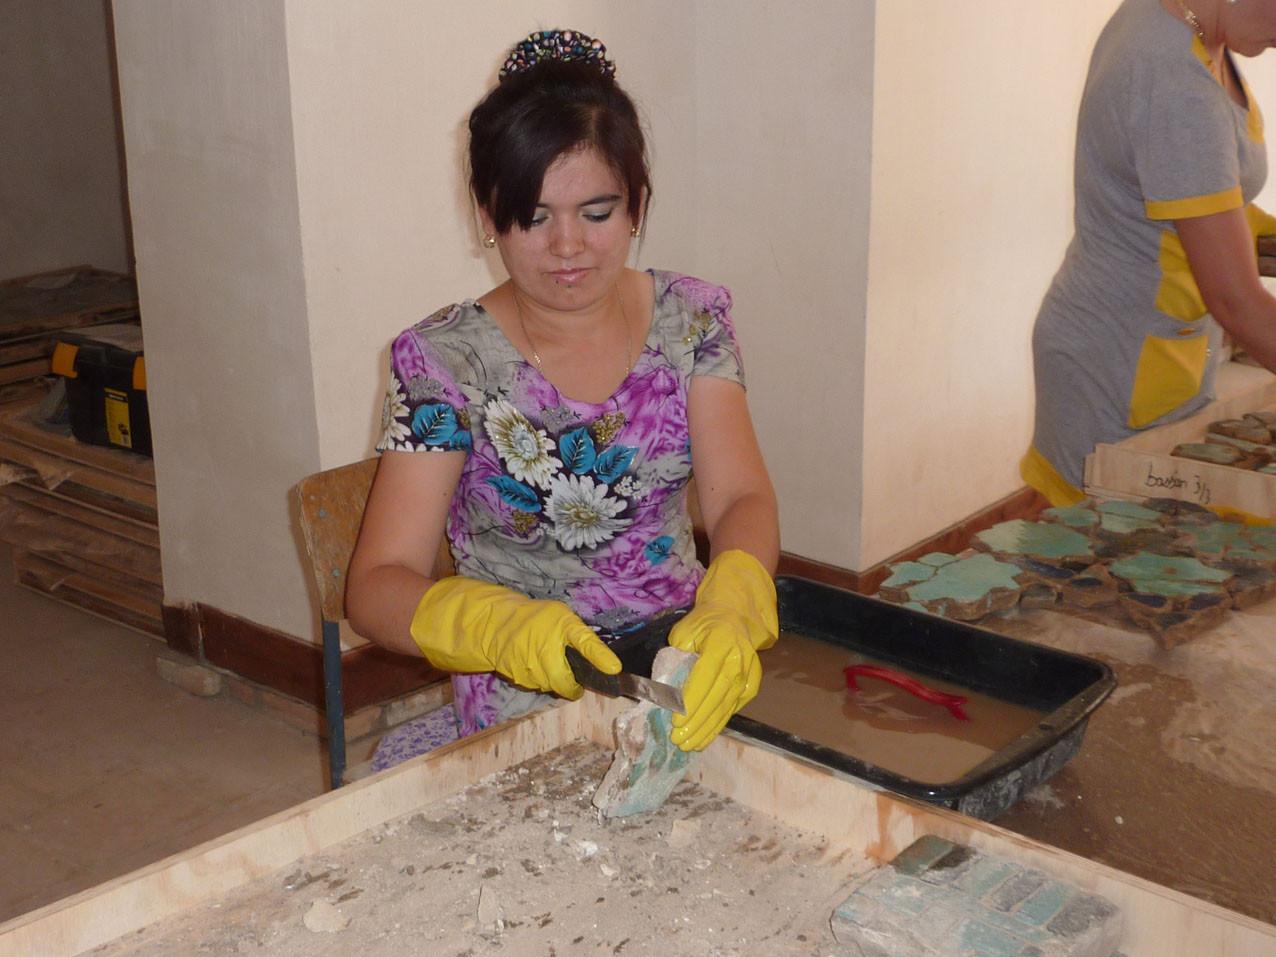 Grattage d'un mortier de plâtre (Socra, 2012)